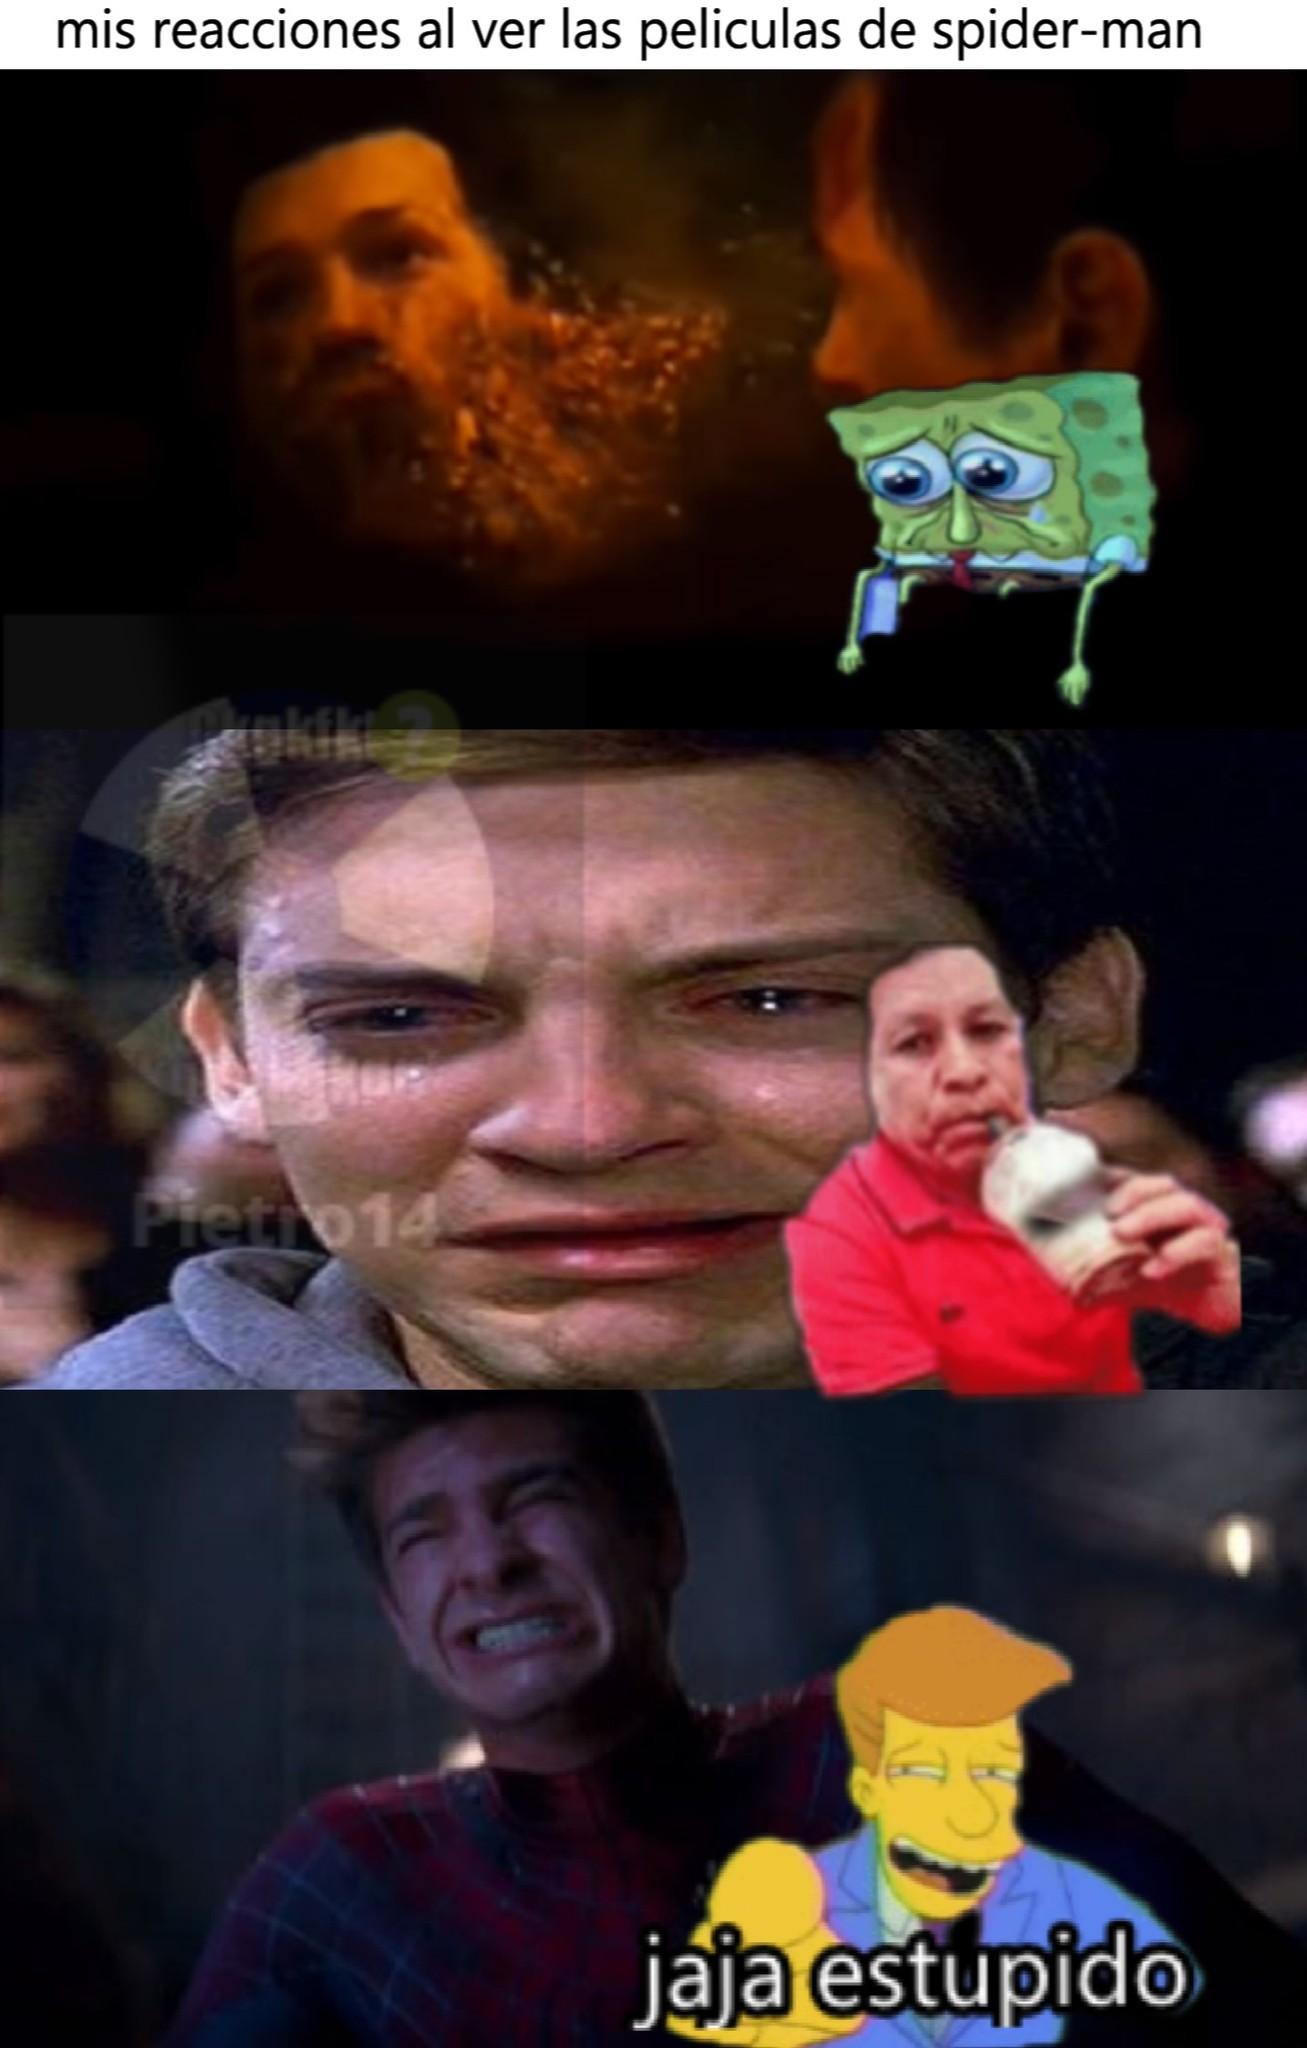 cuando veo la peliculas de spiderman - meme